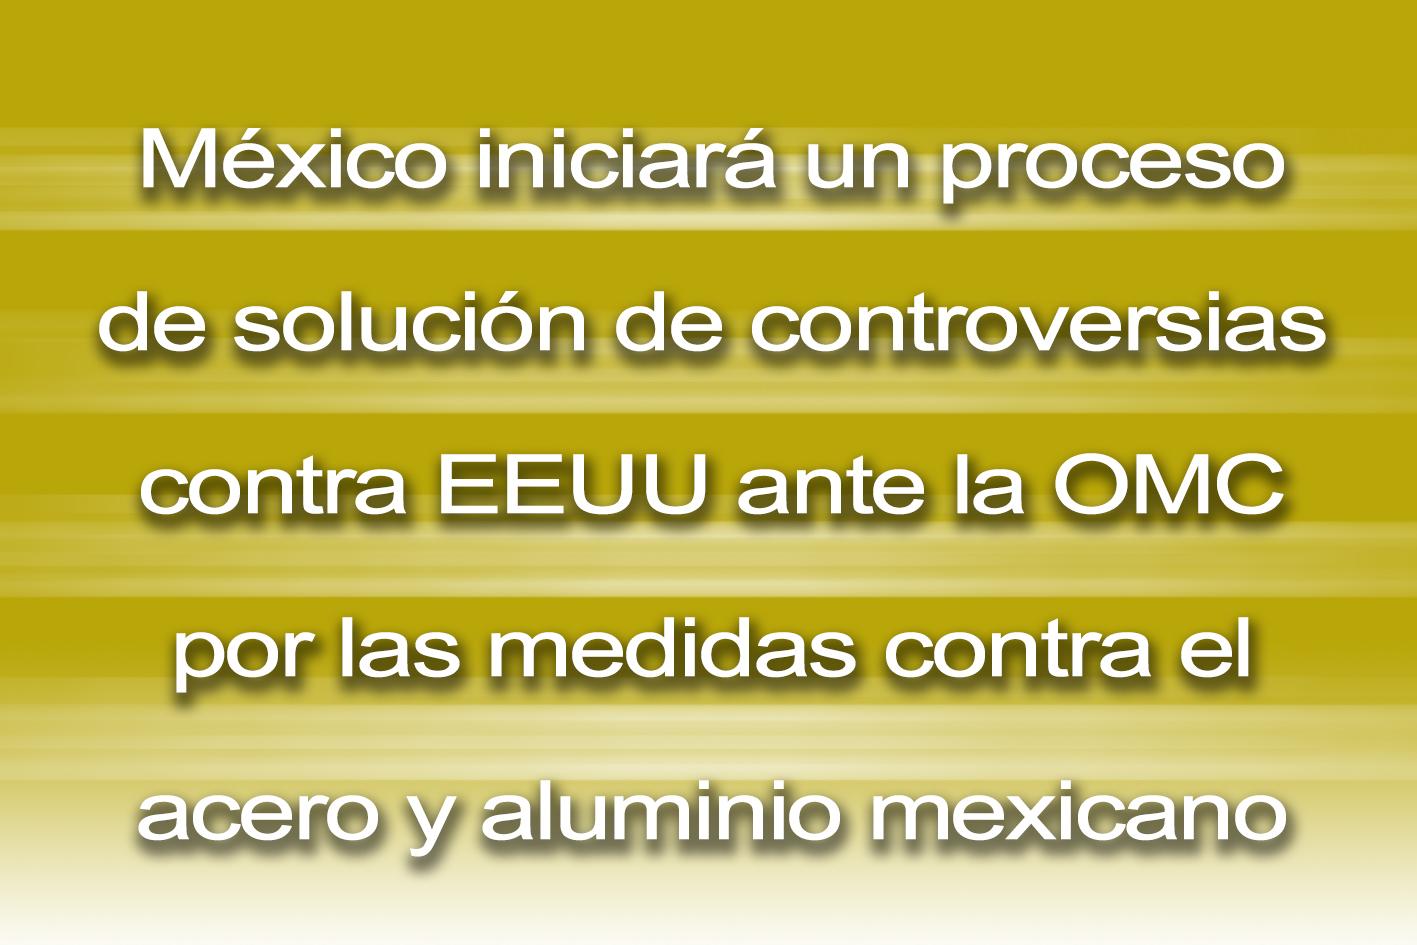 Photo of México iniciará un proceso de solución de controversias contra EEUU ante la OMC por las medidas contra el acero y aluminio mexicano